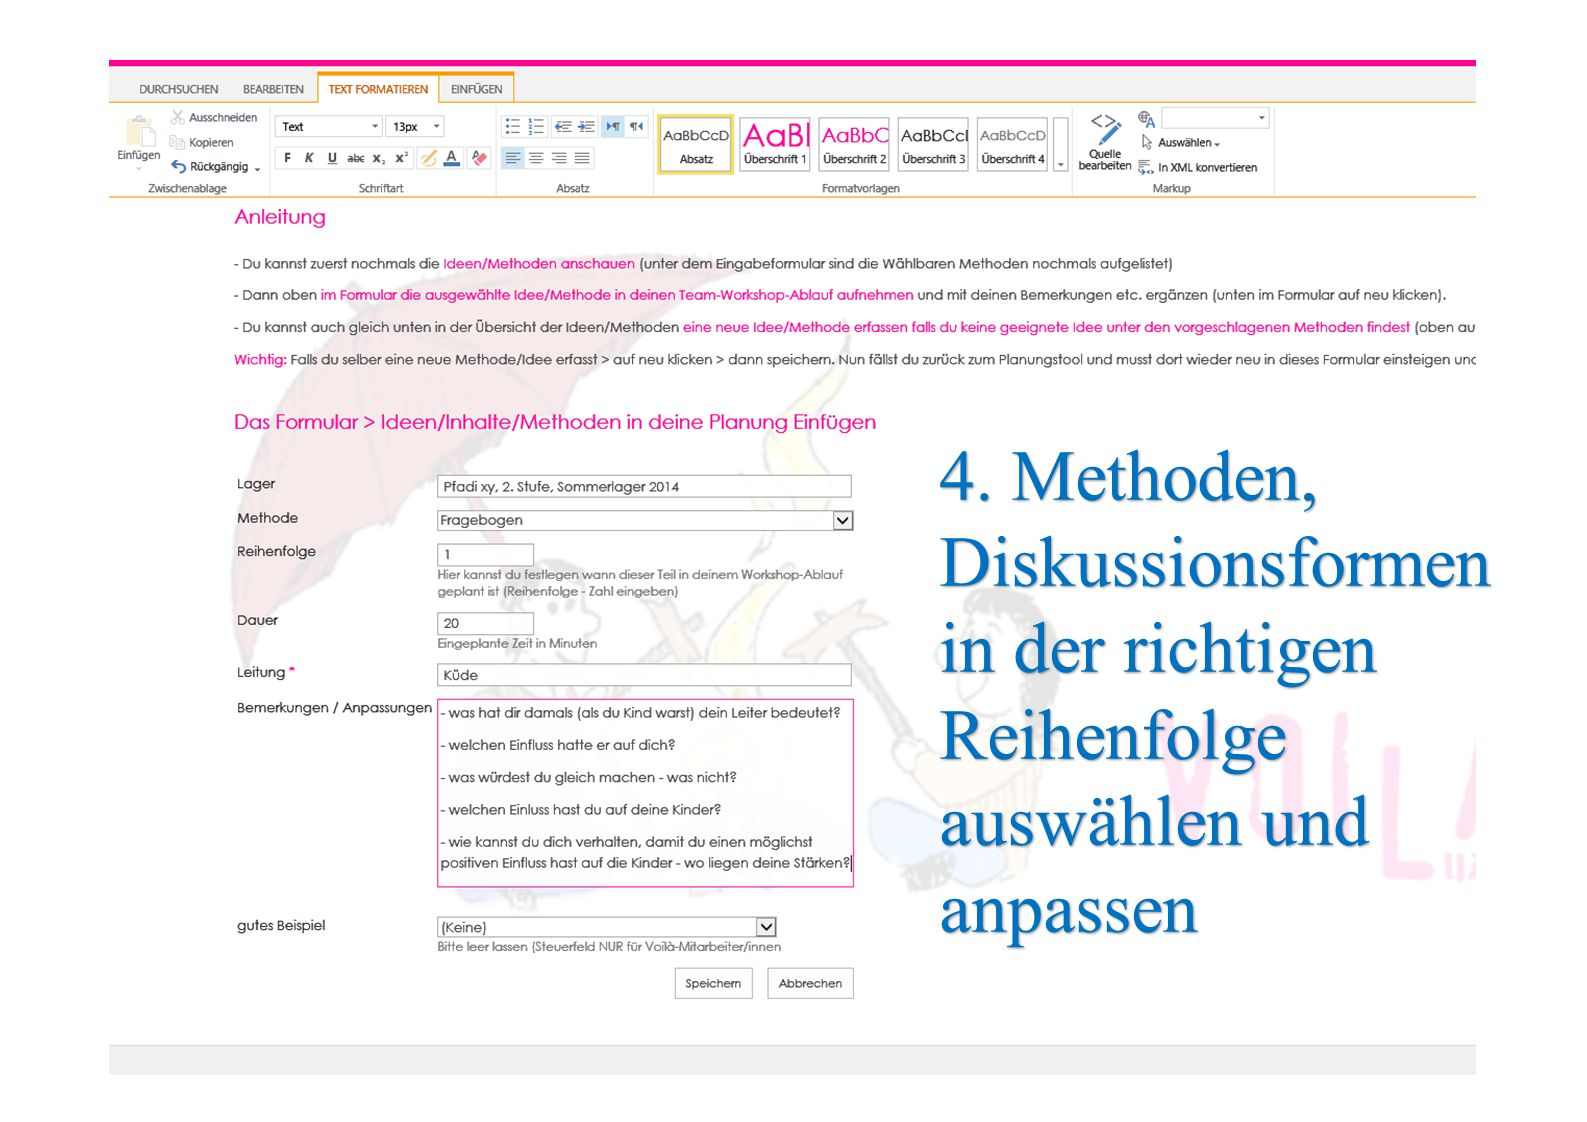 4. Methoden, Diskussionsformen in der richtigen Reihenfolge auswählen und anpassen